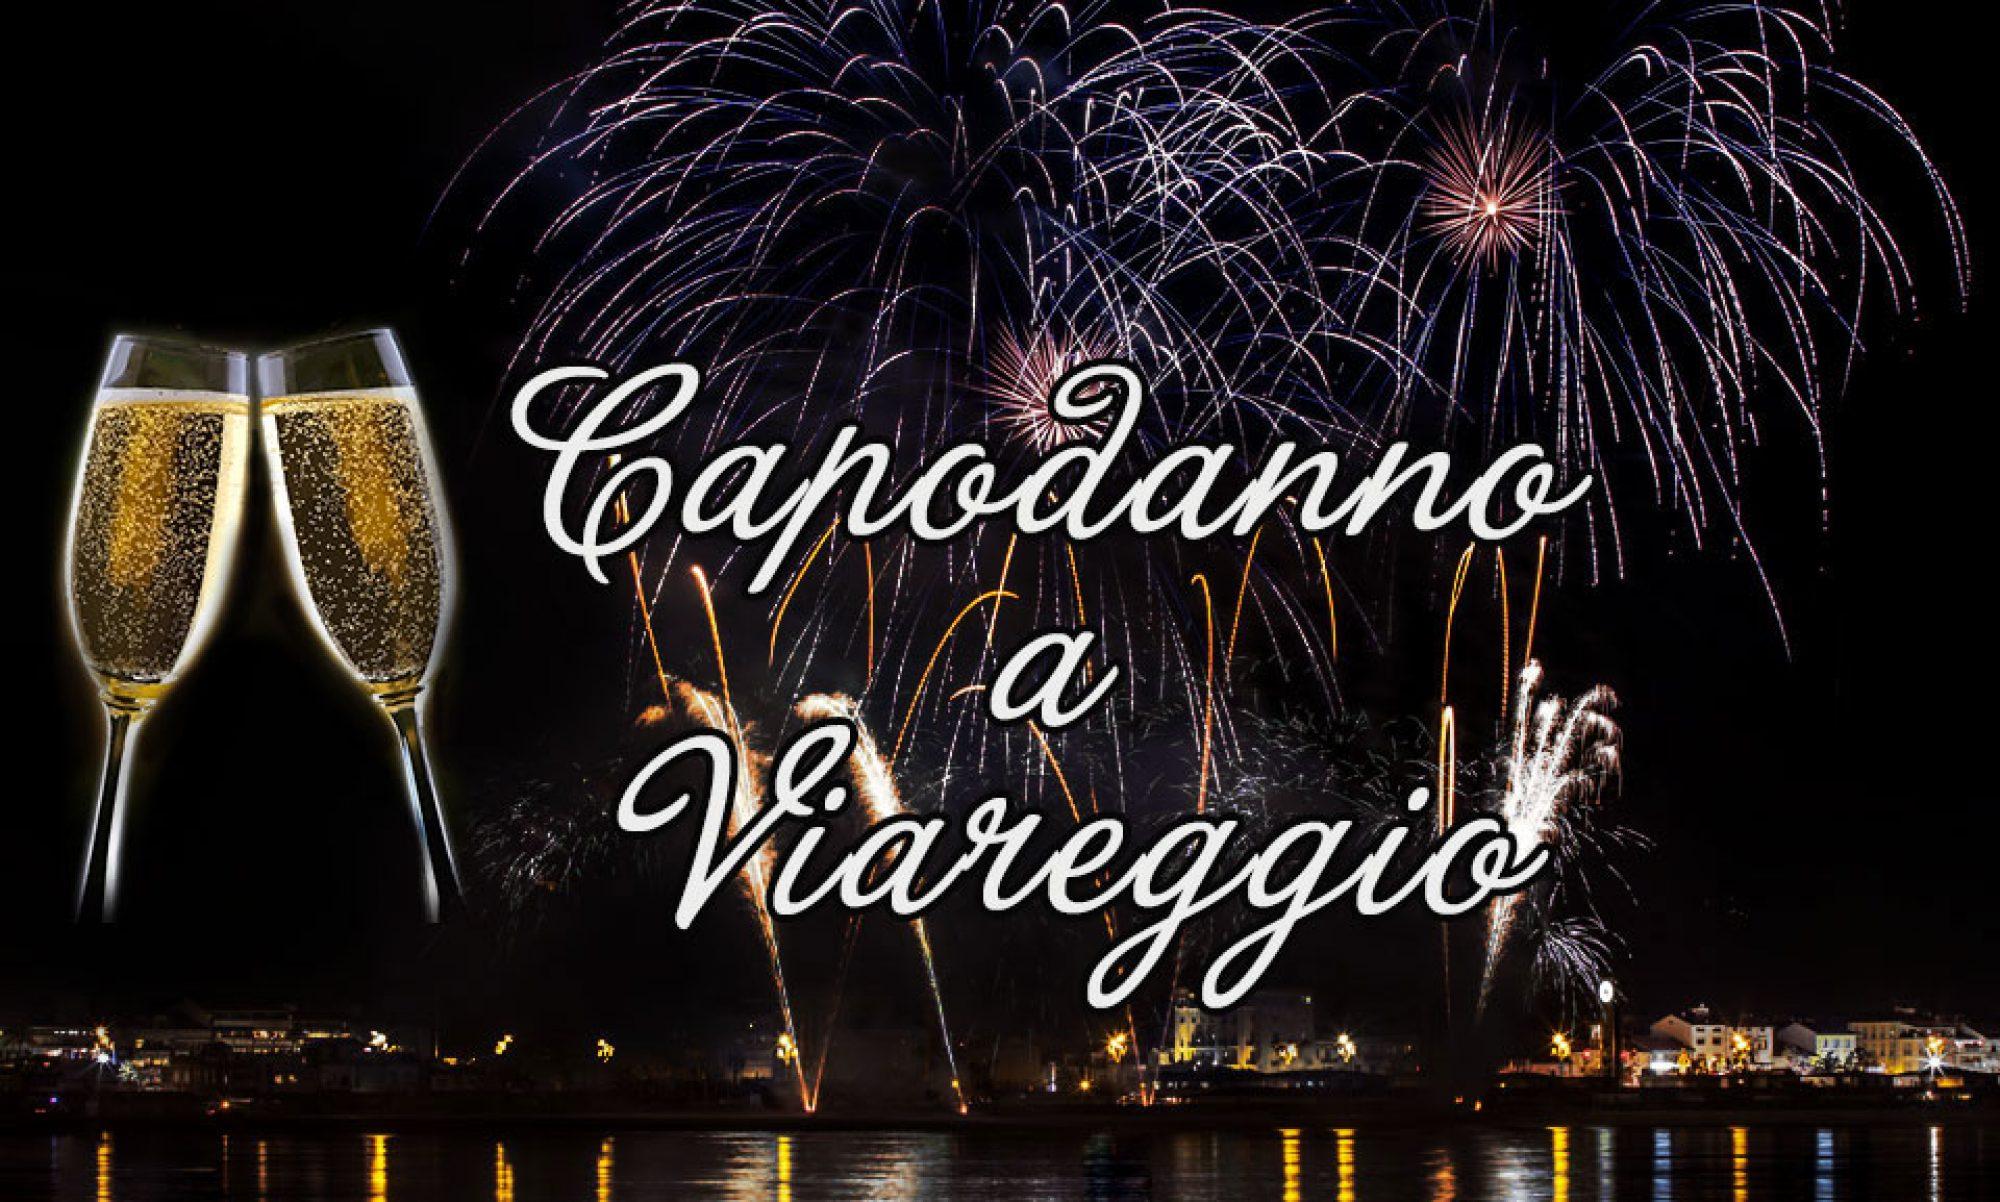 Capodanno Viareggio 2021 : Eventi e Feste in Locali Discoteche